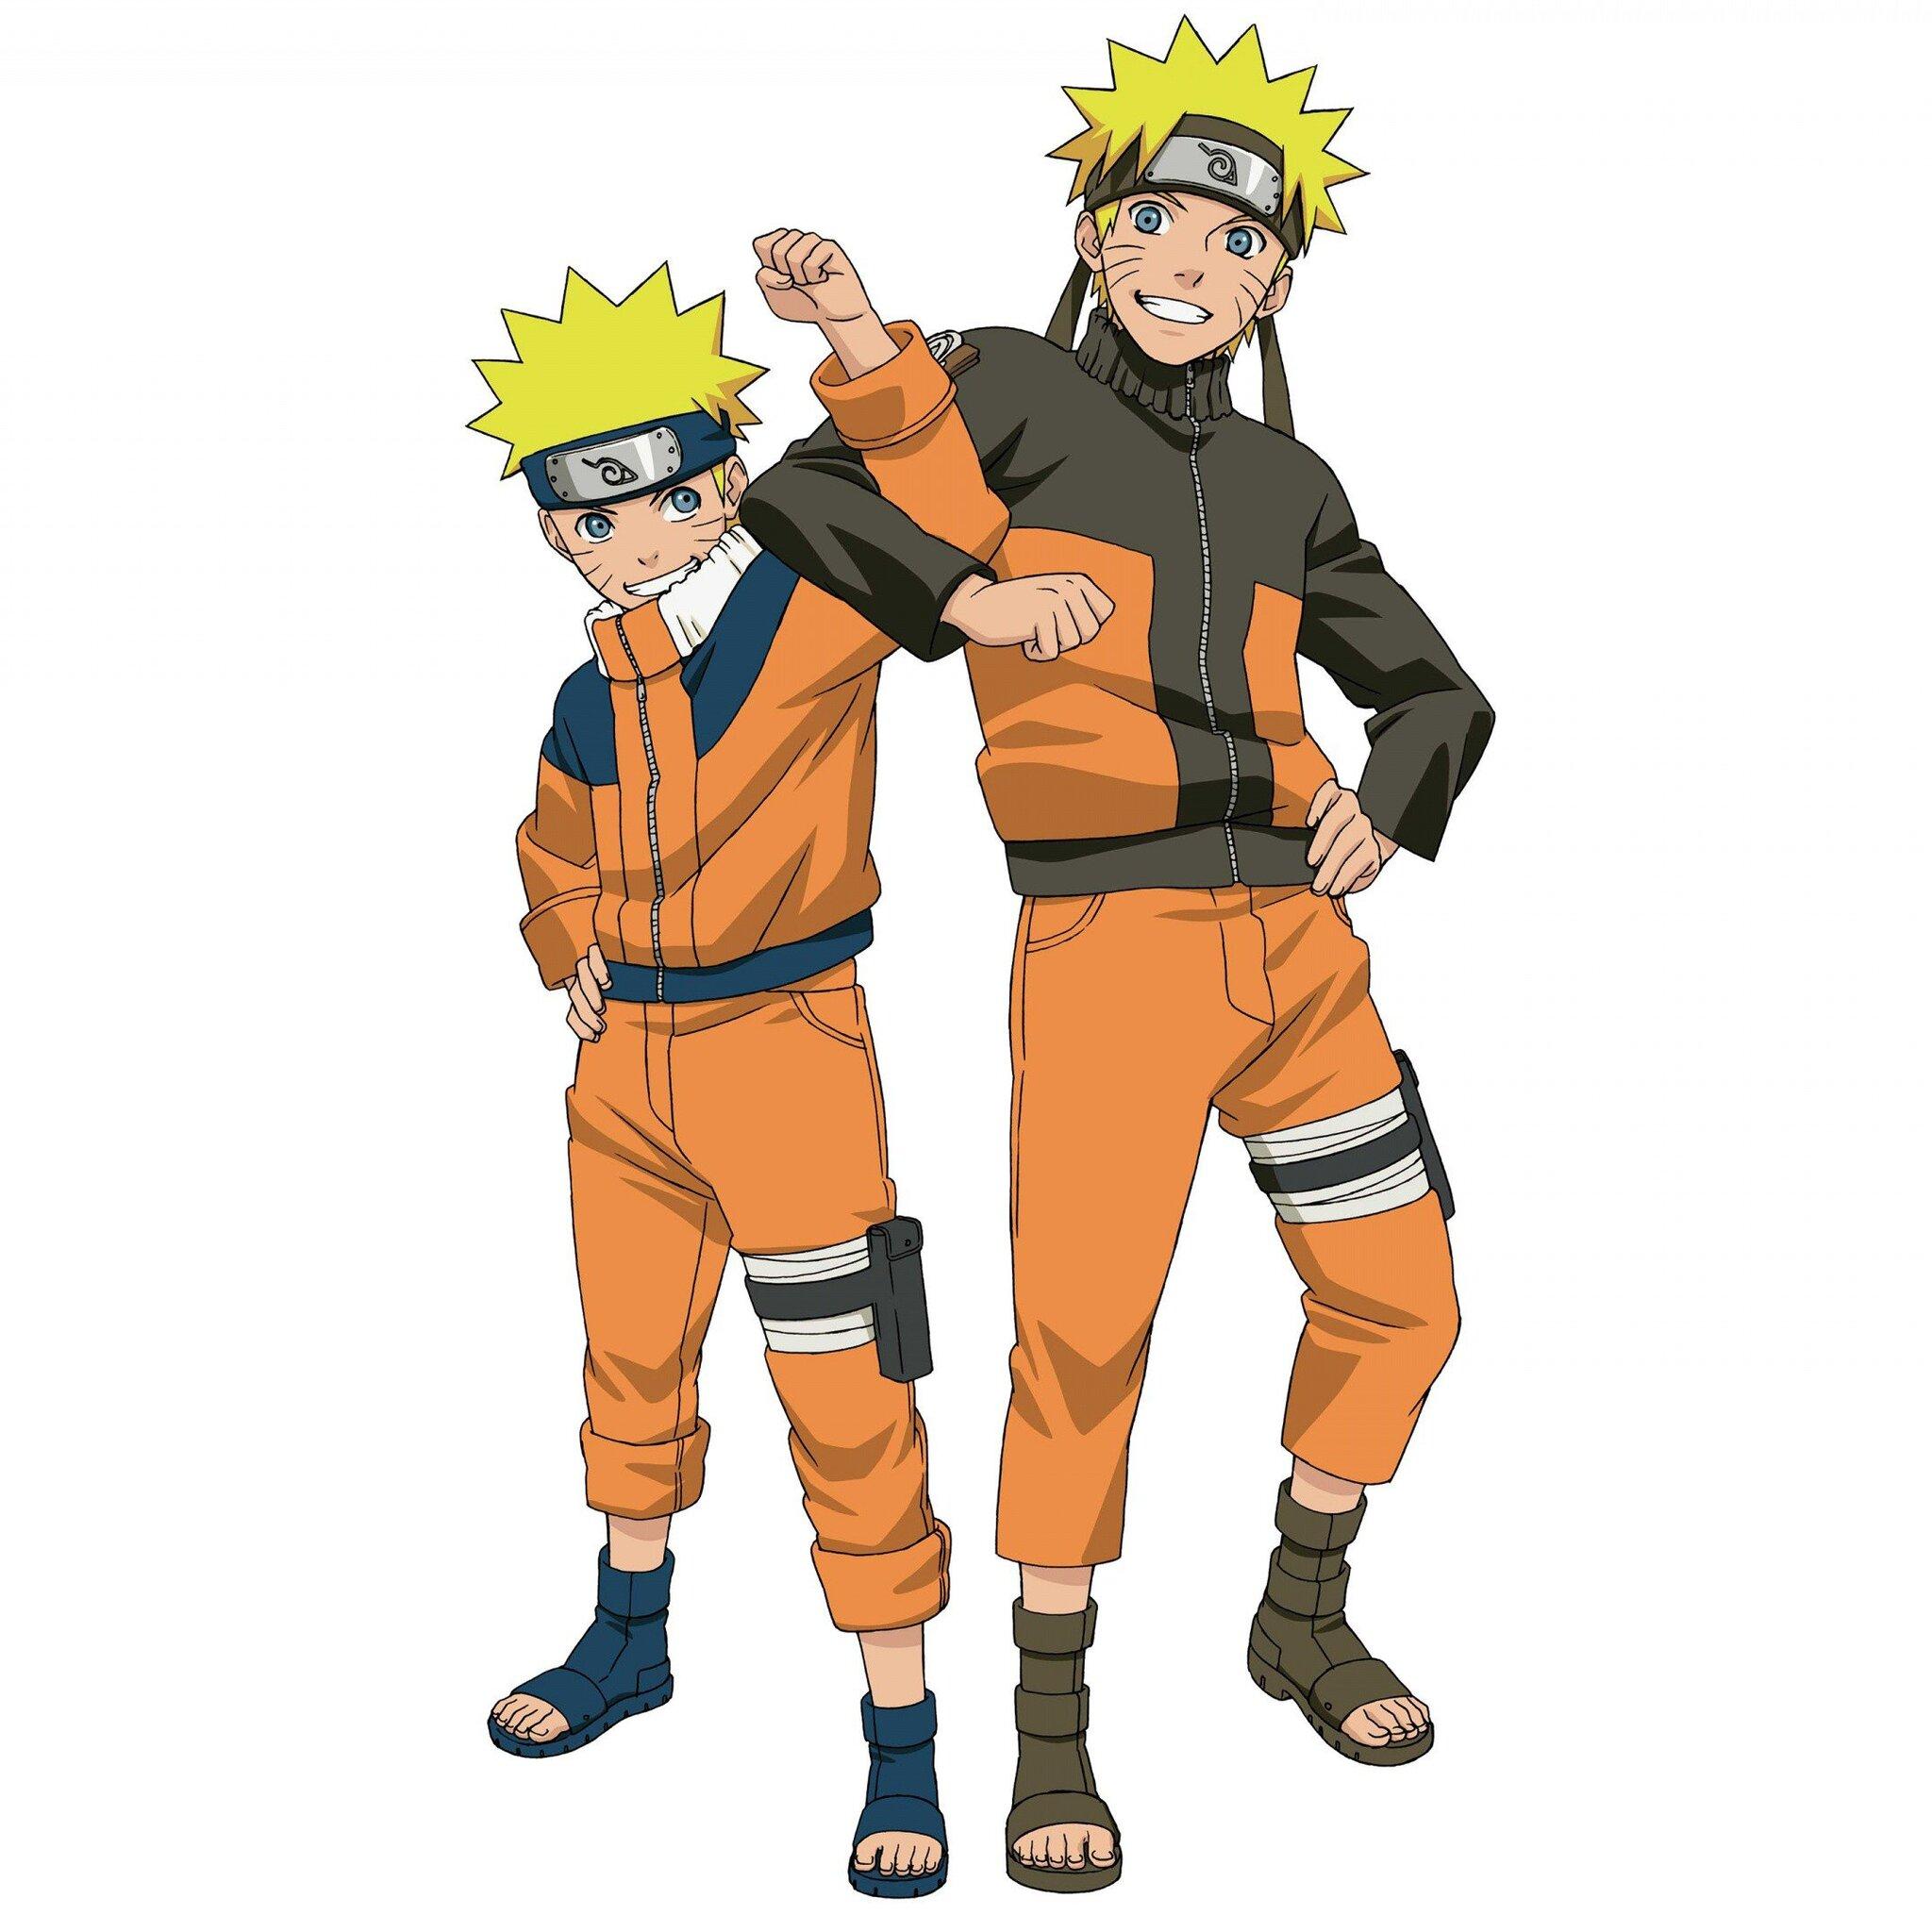 Great Wallpaper Naruto Ipad Air - naruto-2048x2048  Trends_40911.jpg